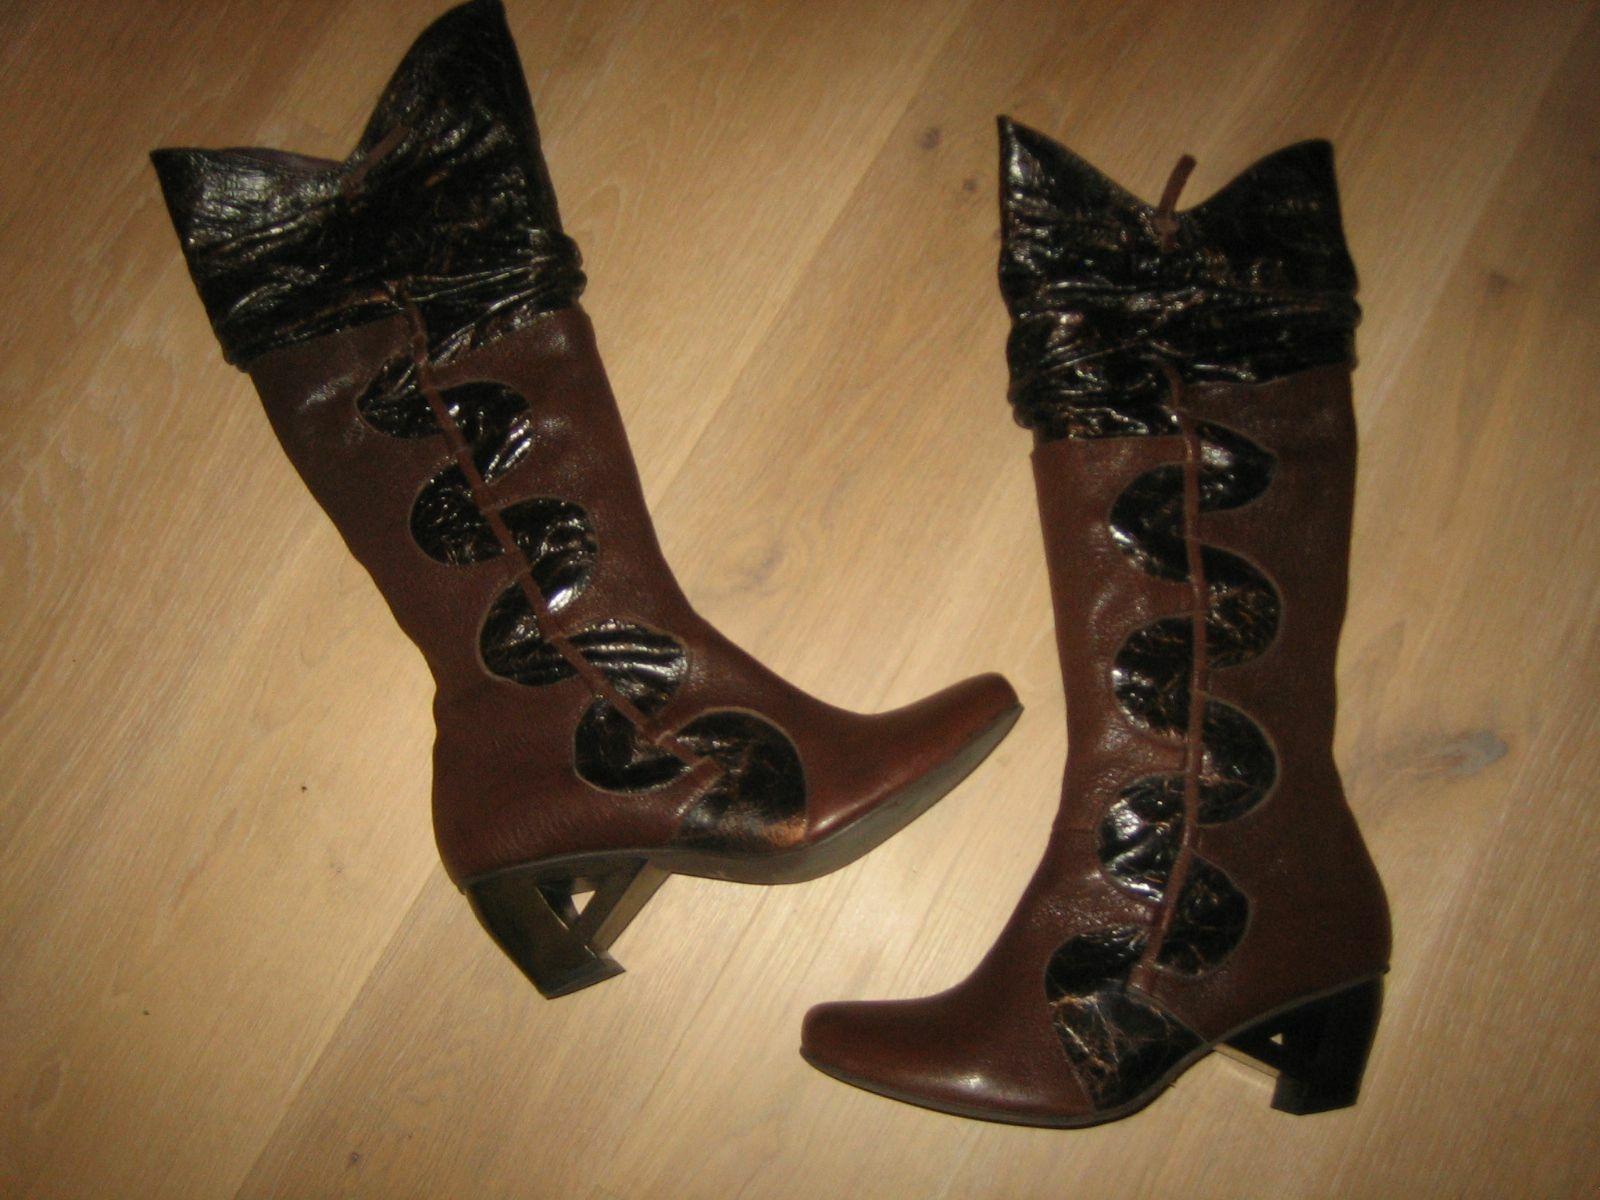 Lisa Tucci Stiefel,Leder,innen+außen,Details in Lackleder,Raffiniert,3x getragen